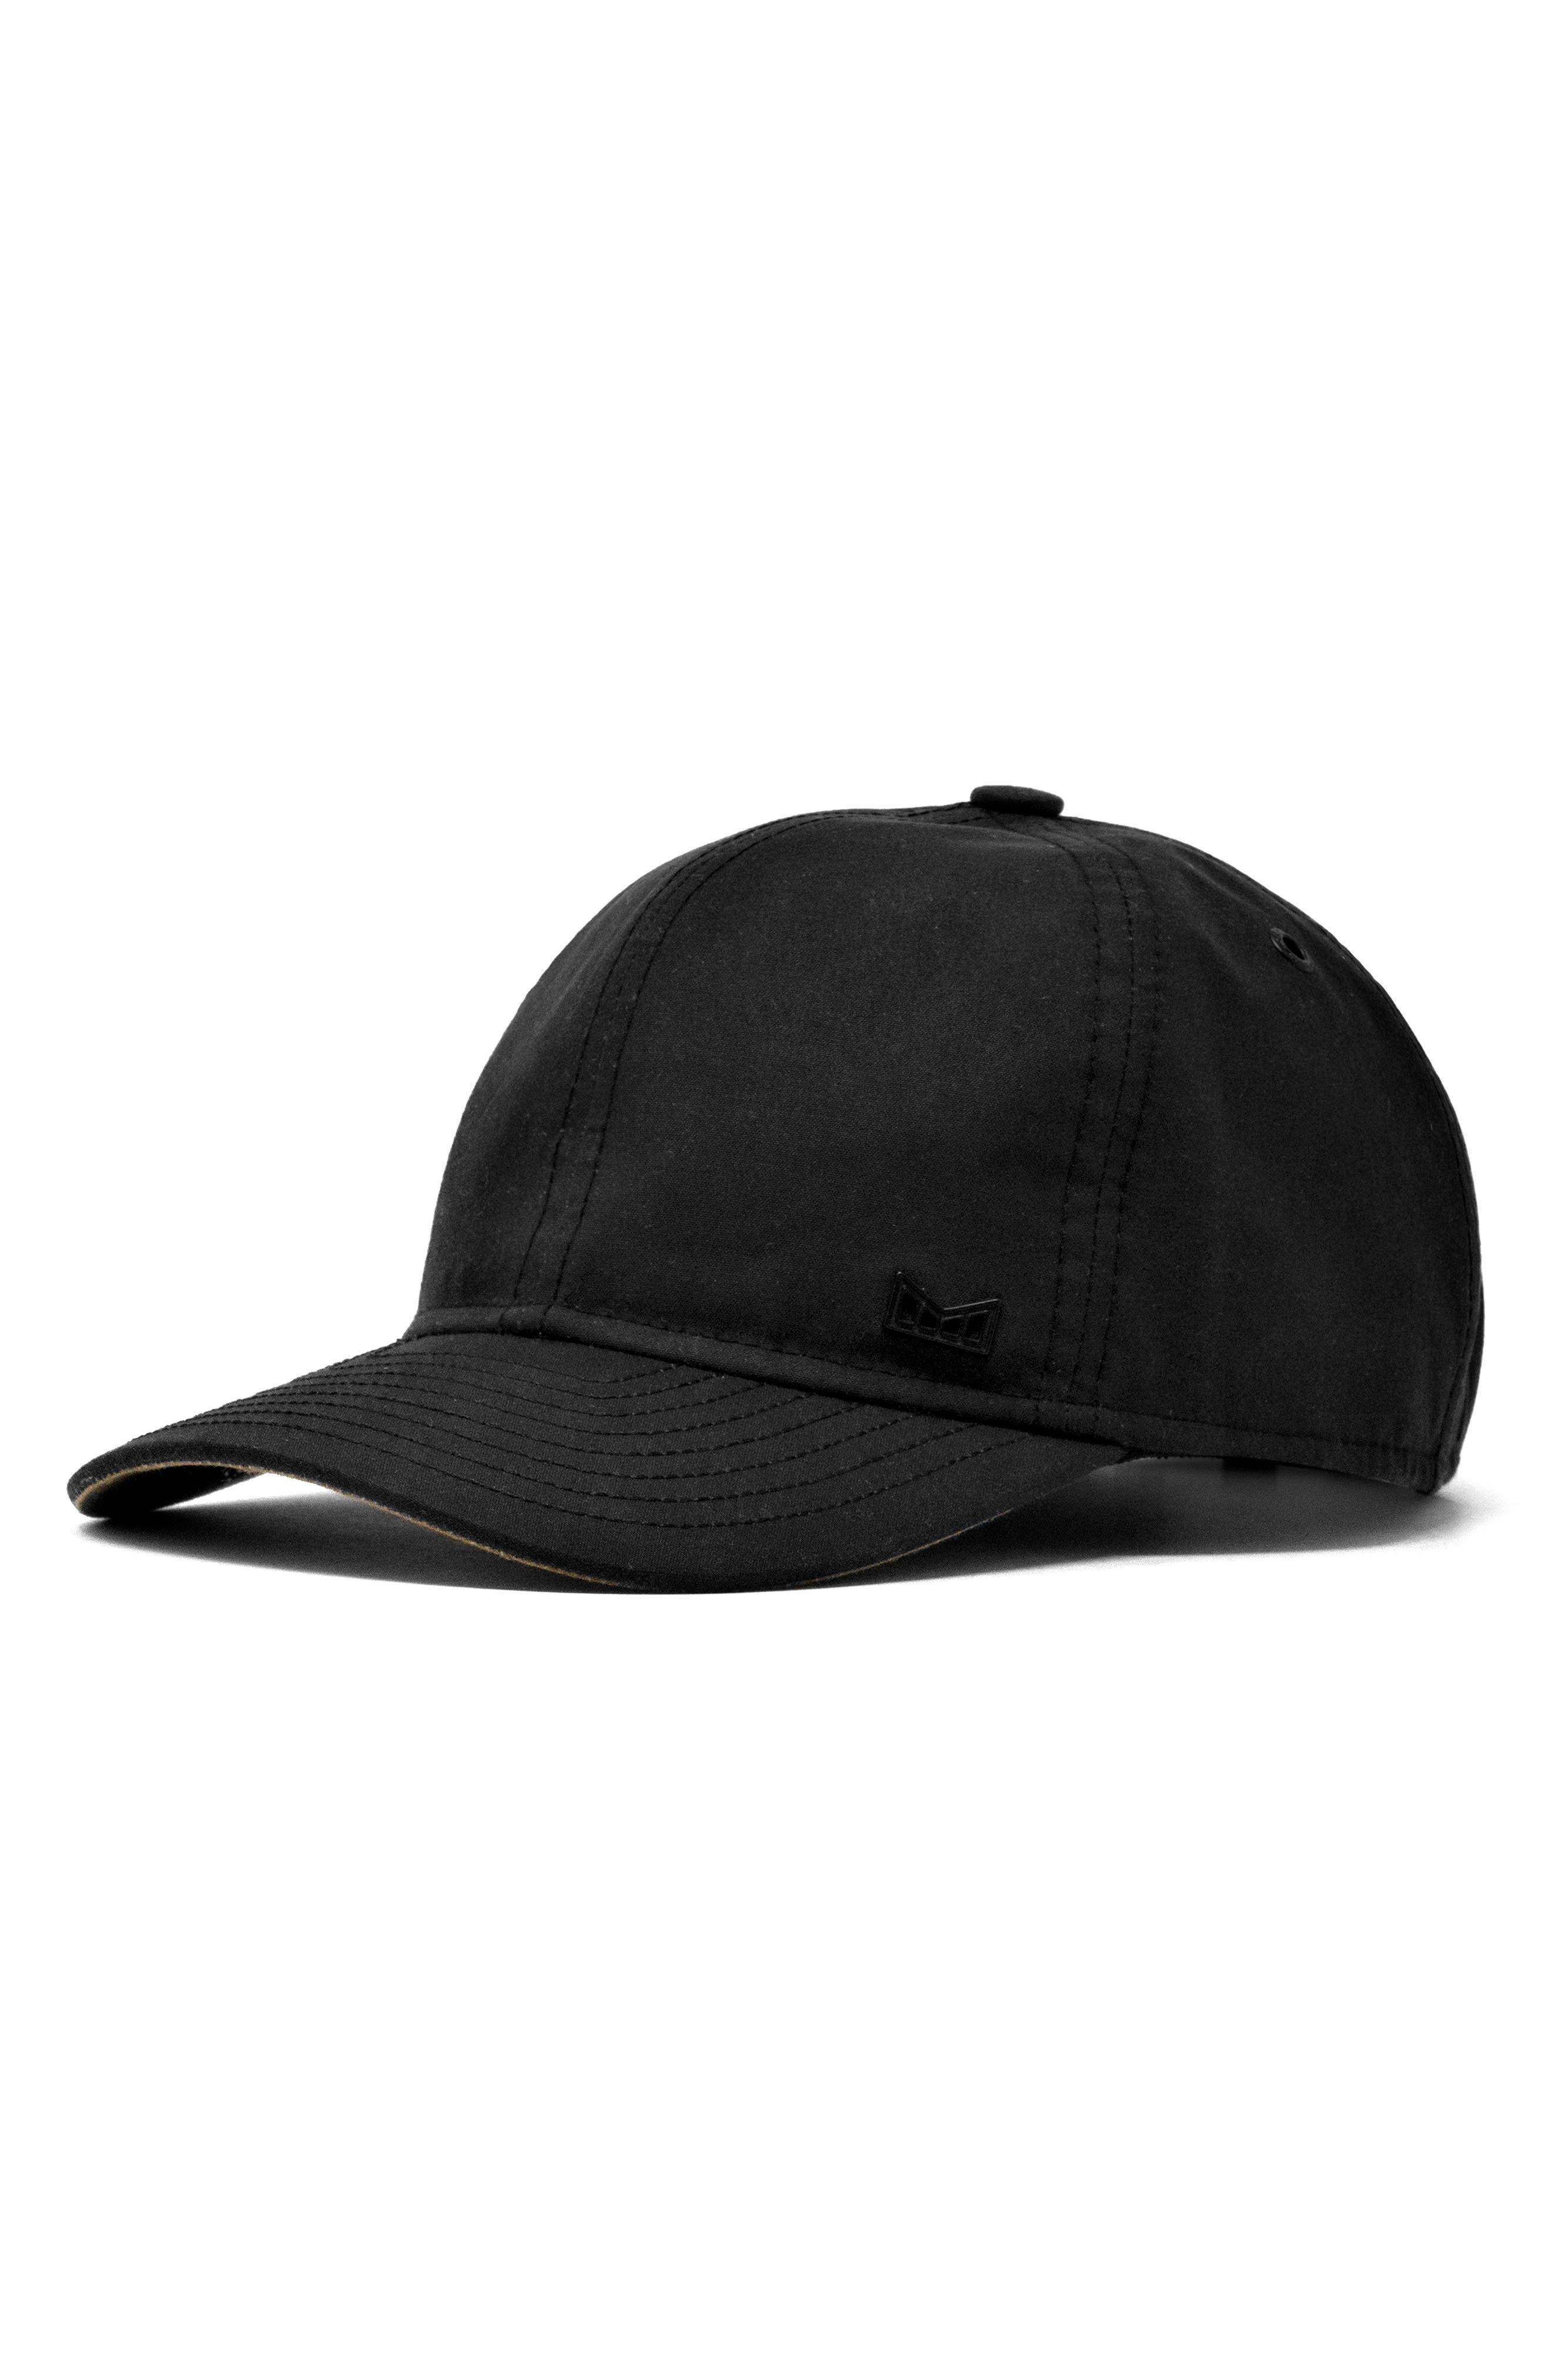 MELIN Huntsman Technical Cap - Black